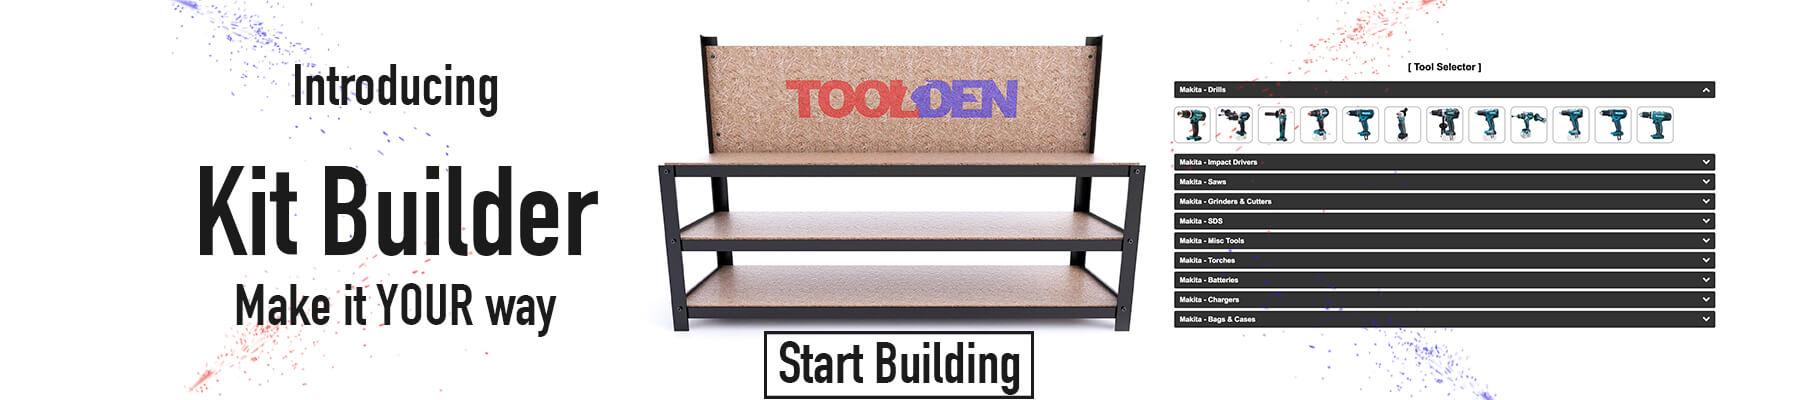 Kit Builder Banner